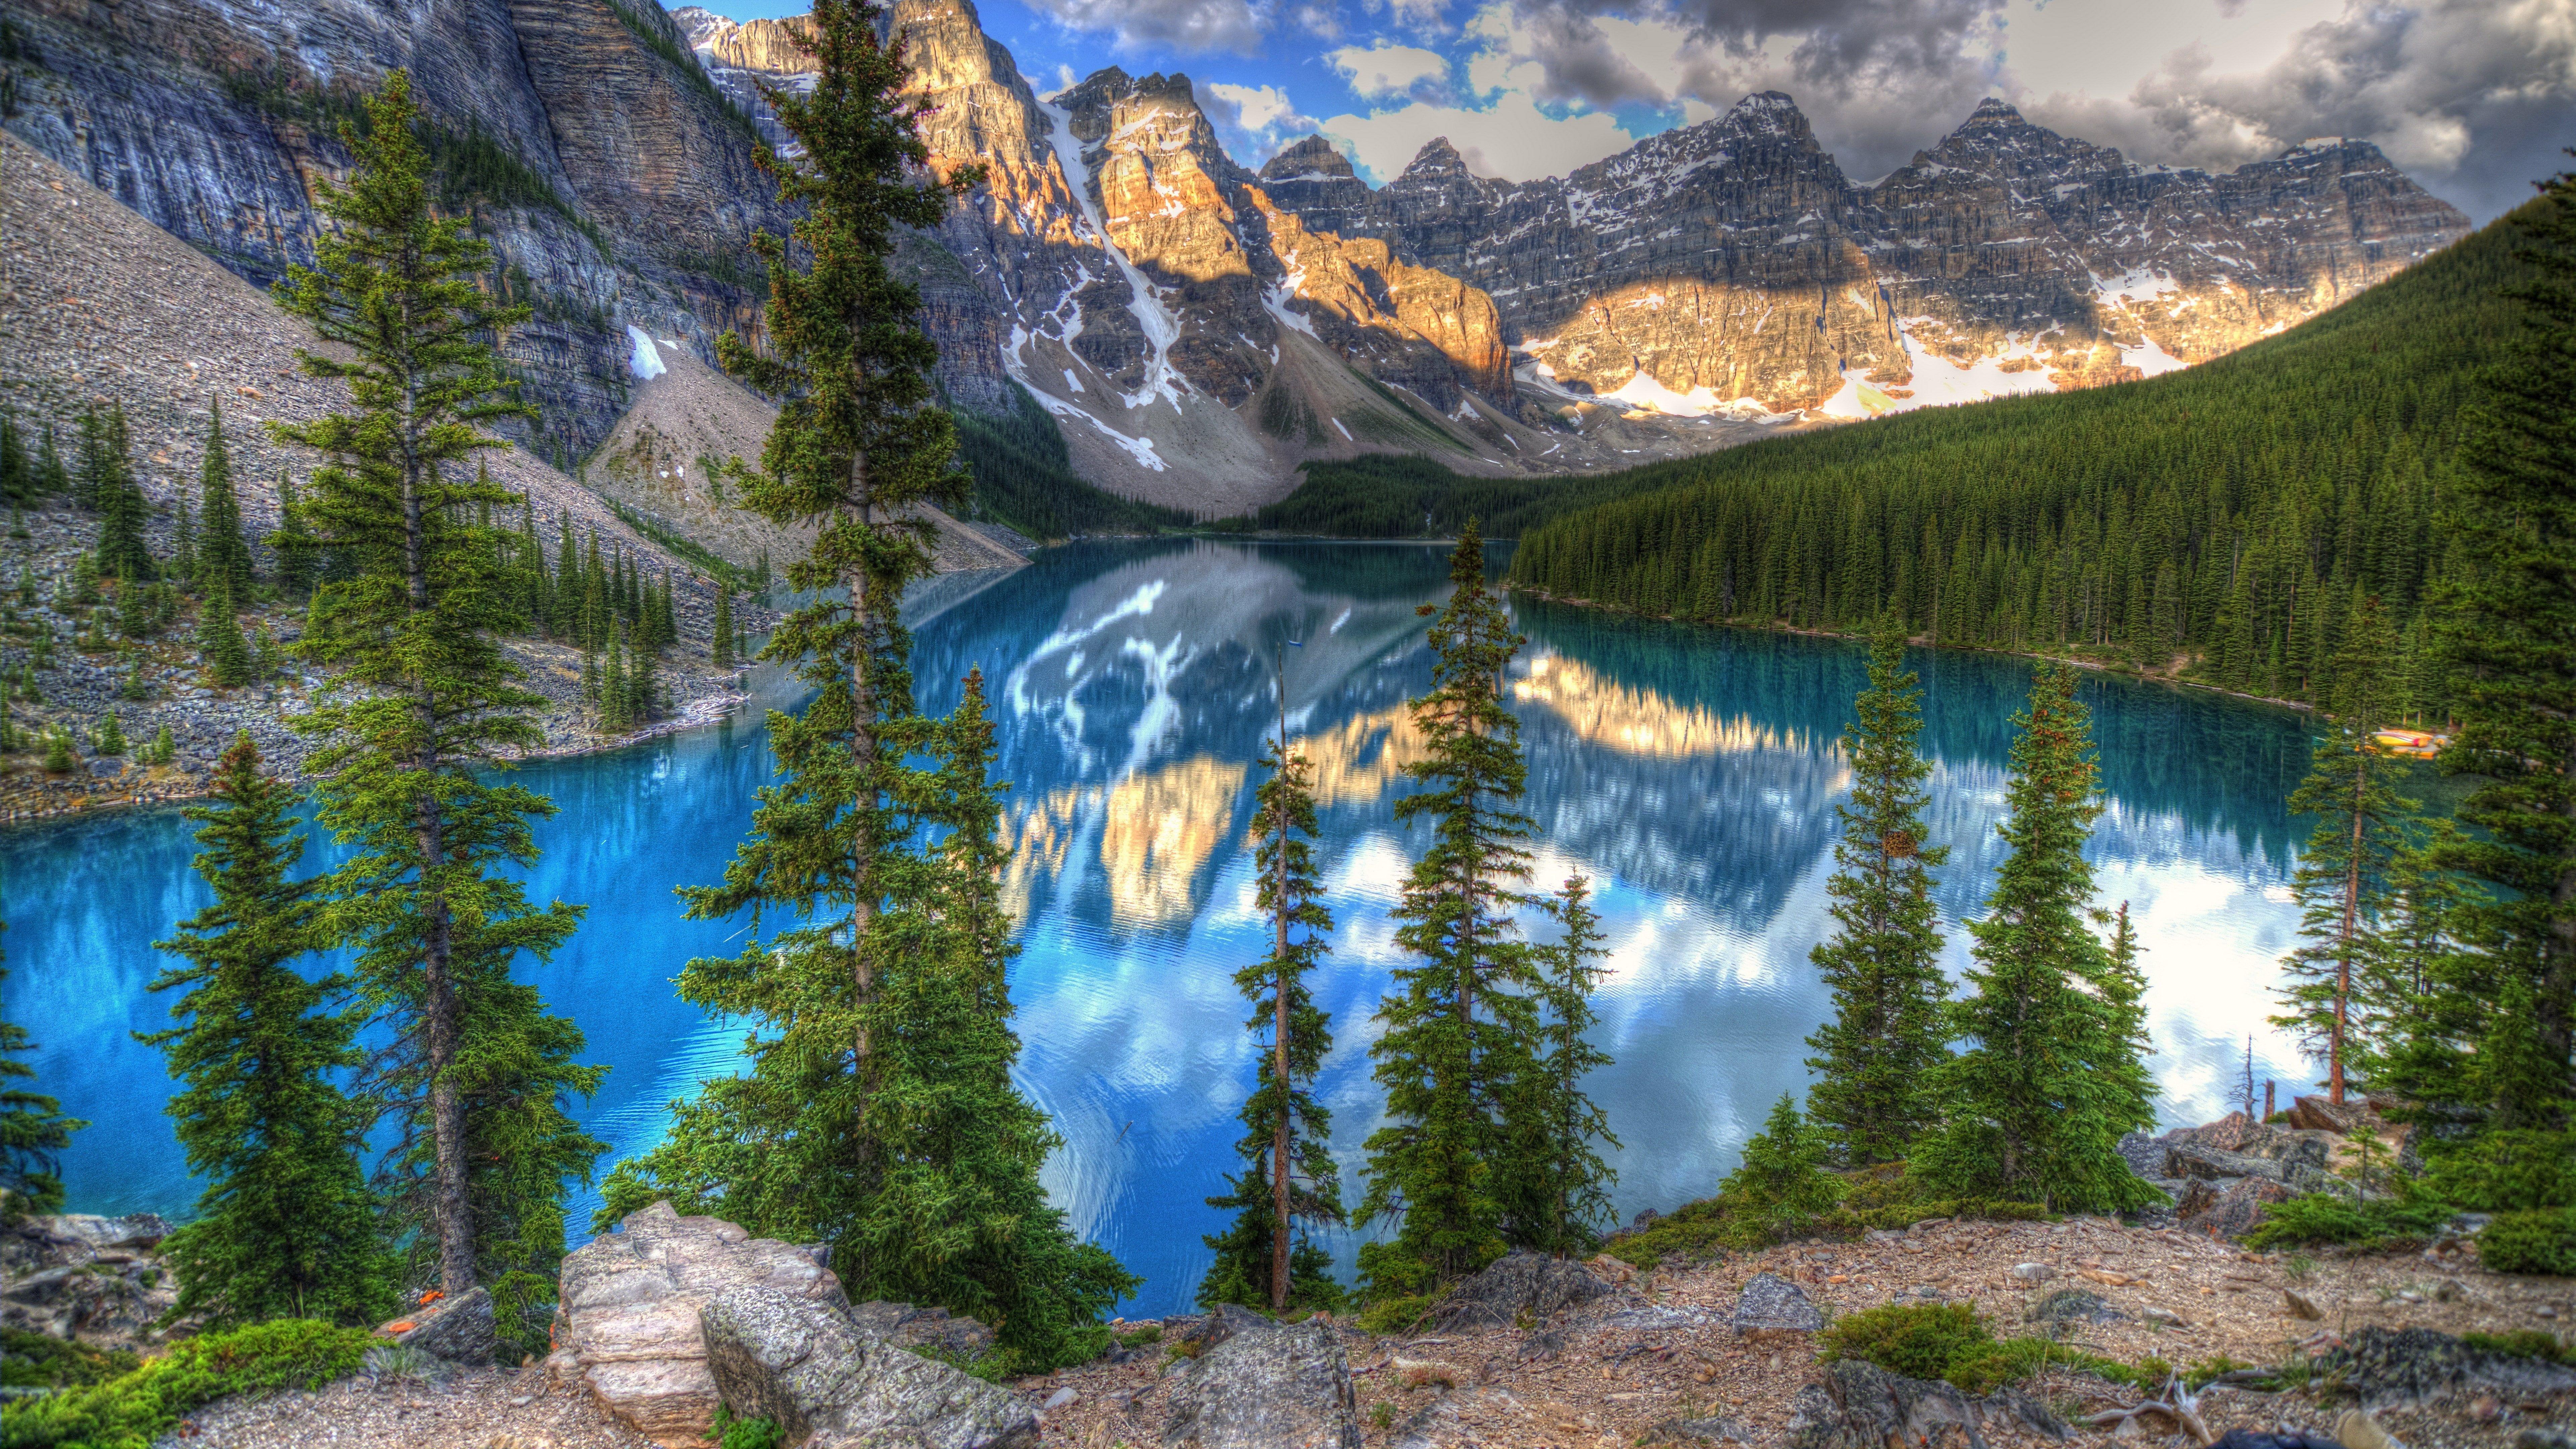 8k Ultra Hd Nature 8k Wallpaper Hdwallpaper Desktop Hd Nature Wallpapers Nature Wallpaper Hd Wallpaper